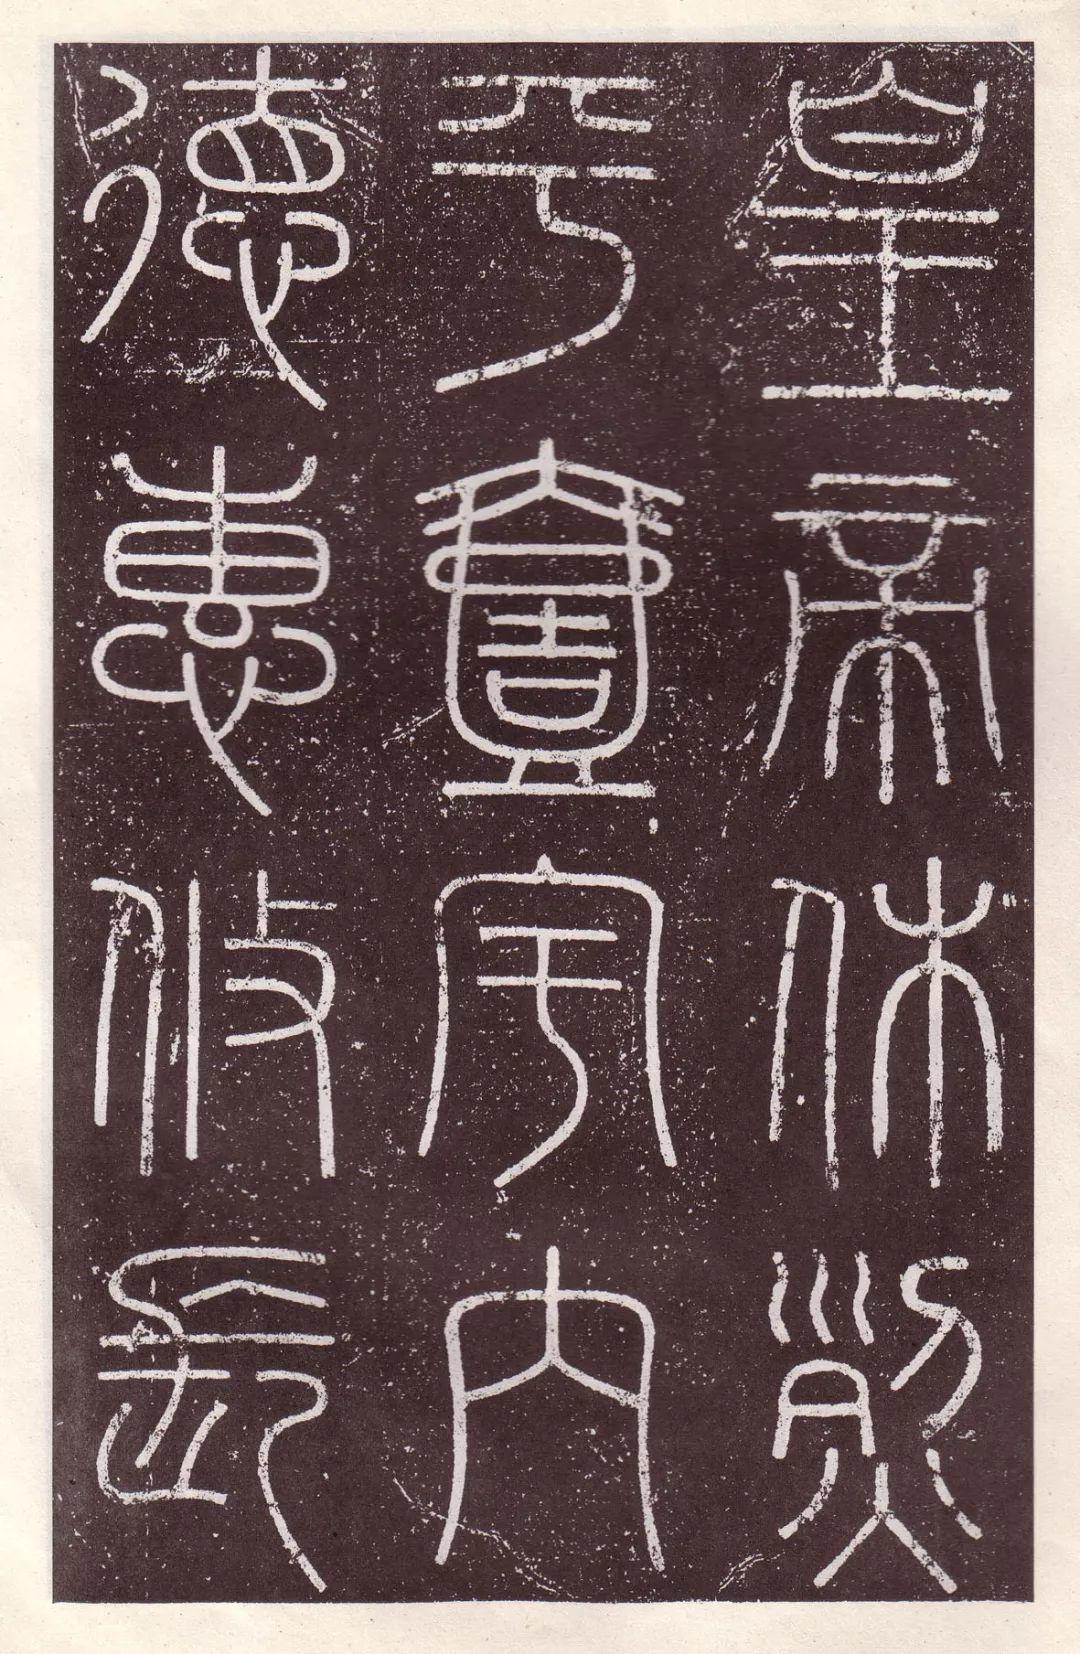 李斯篆书《会稽刻石》